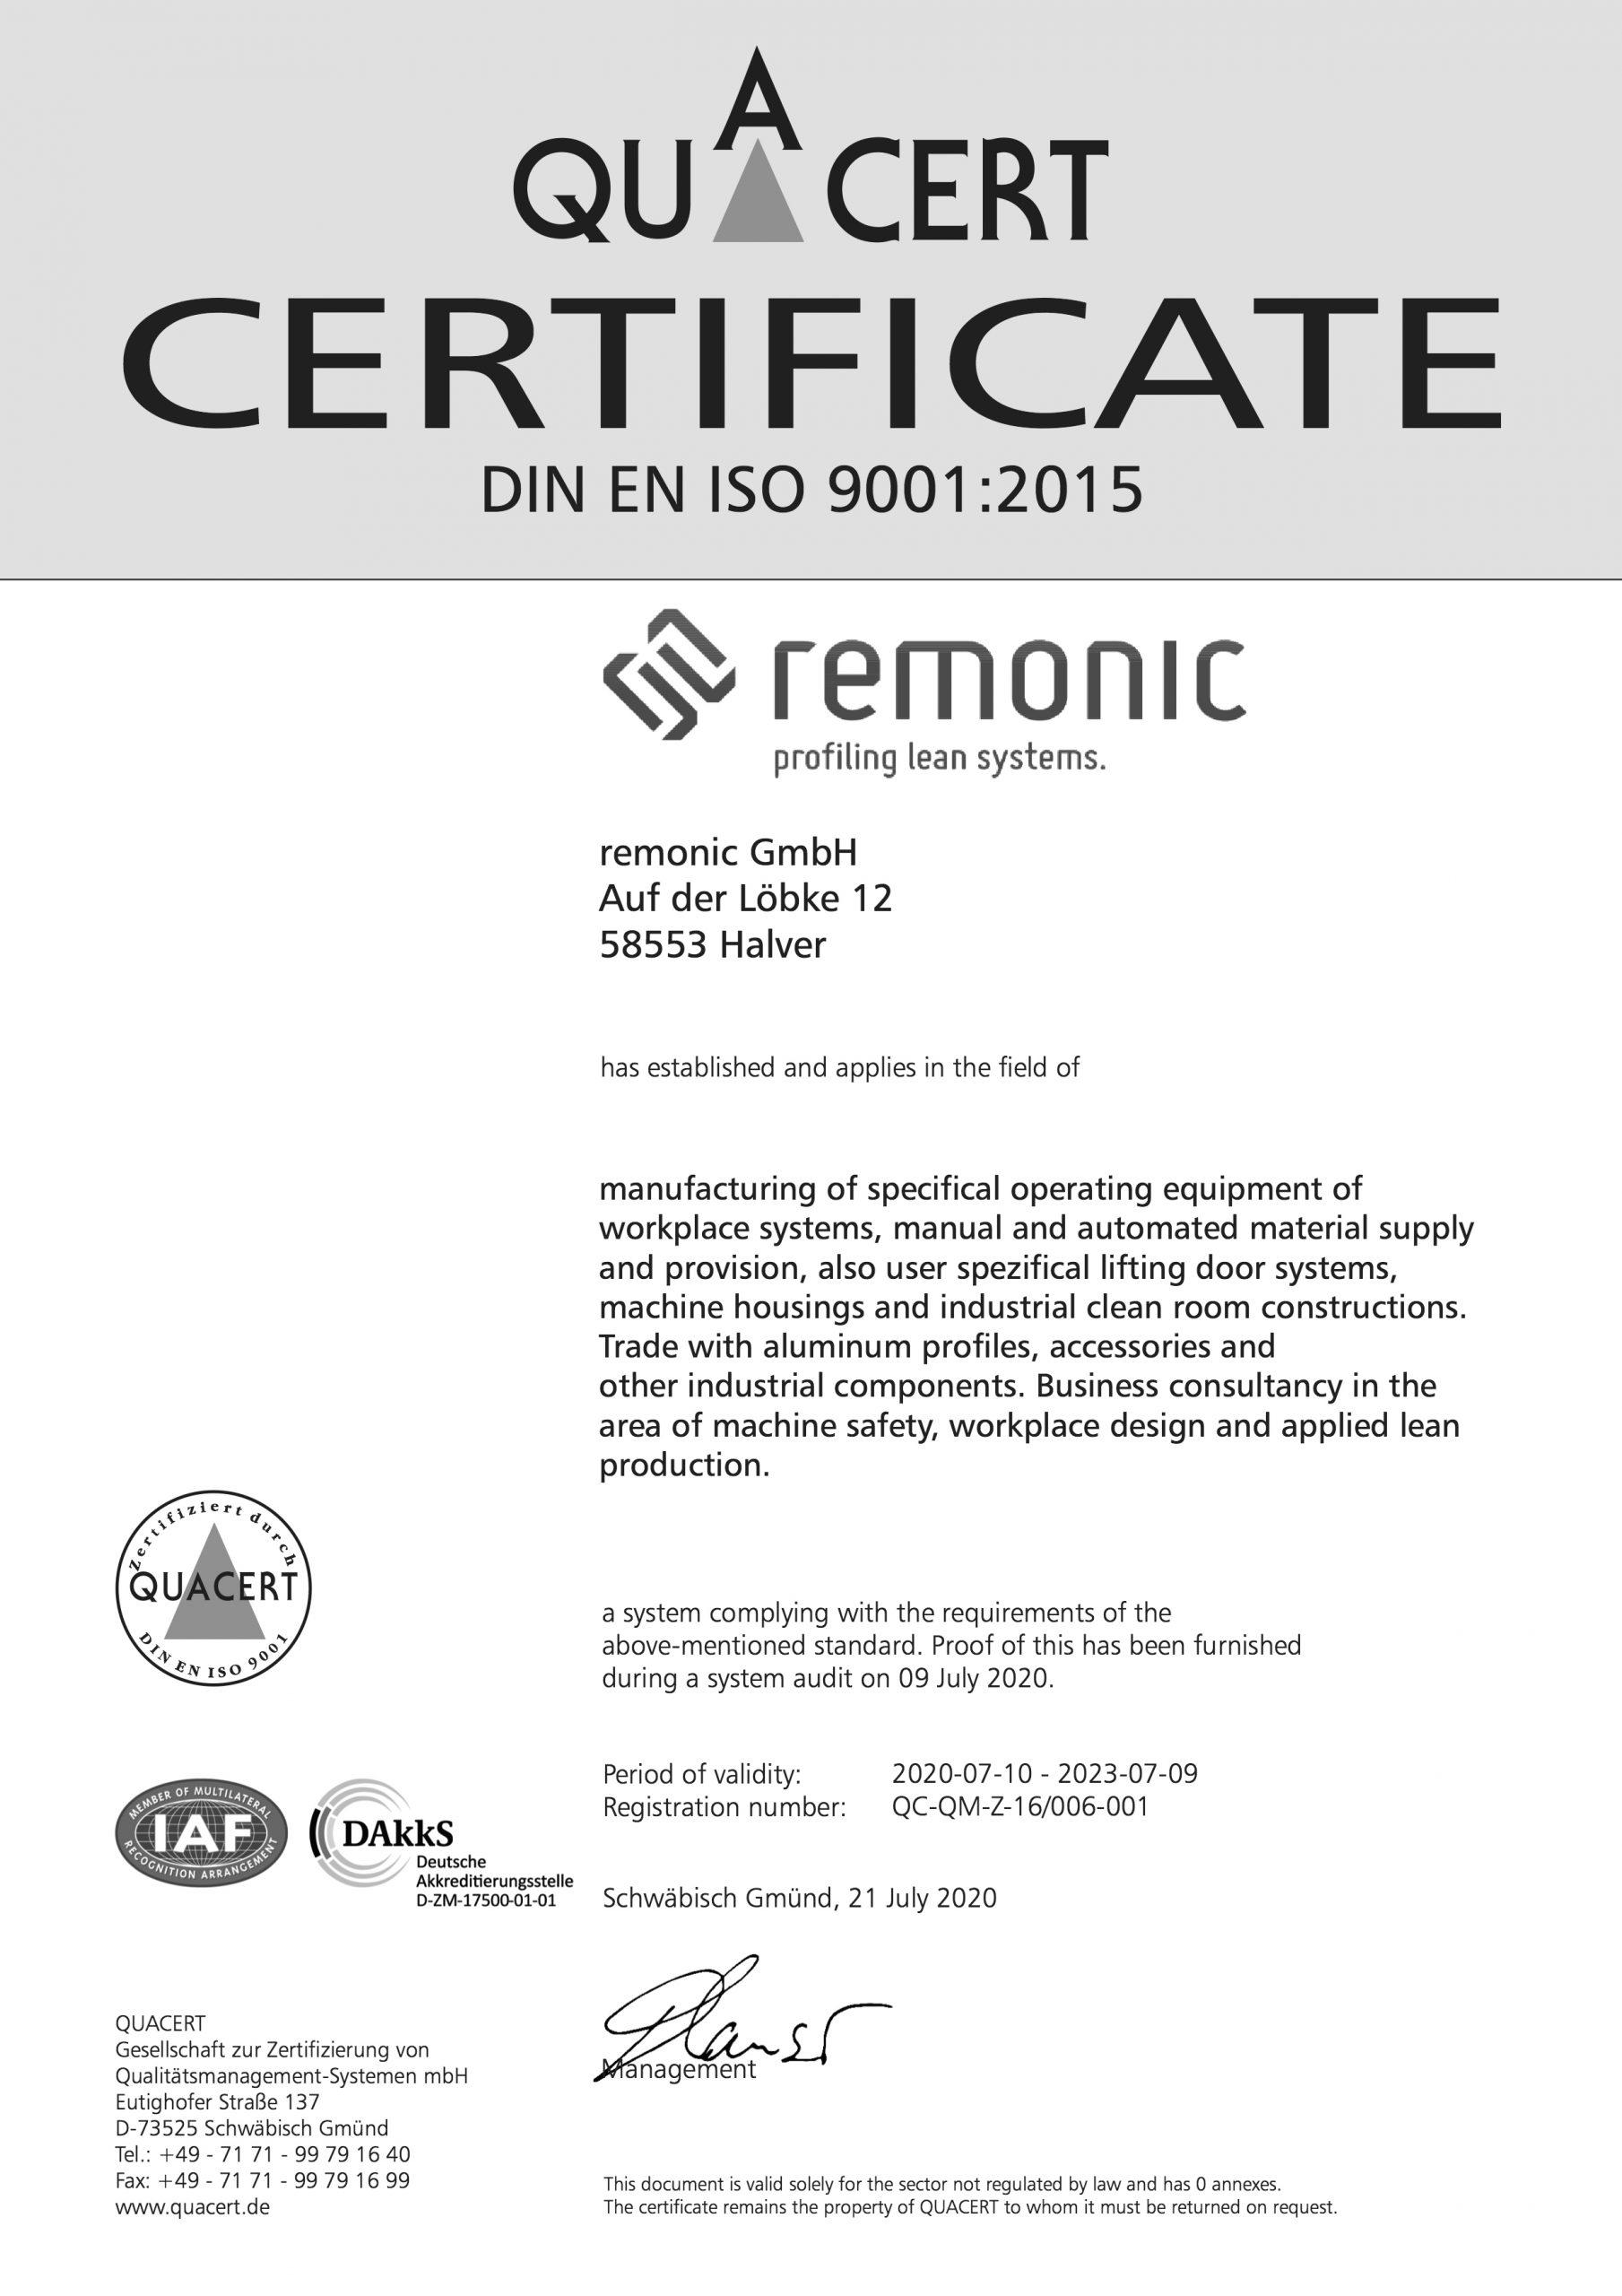 Unser Partner, die remonic GmbH